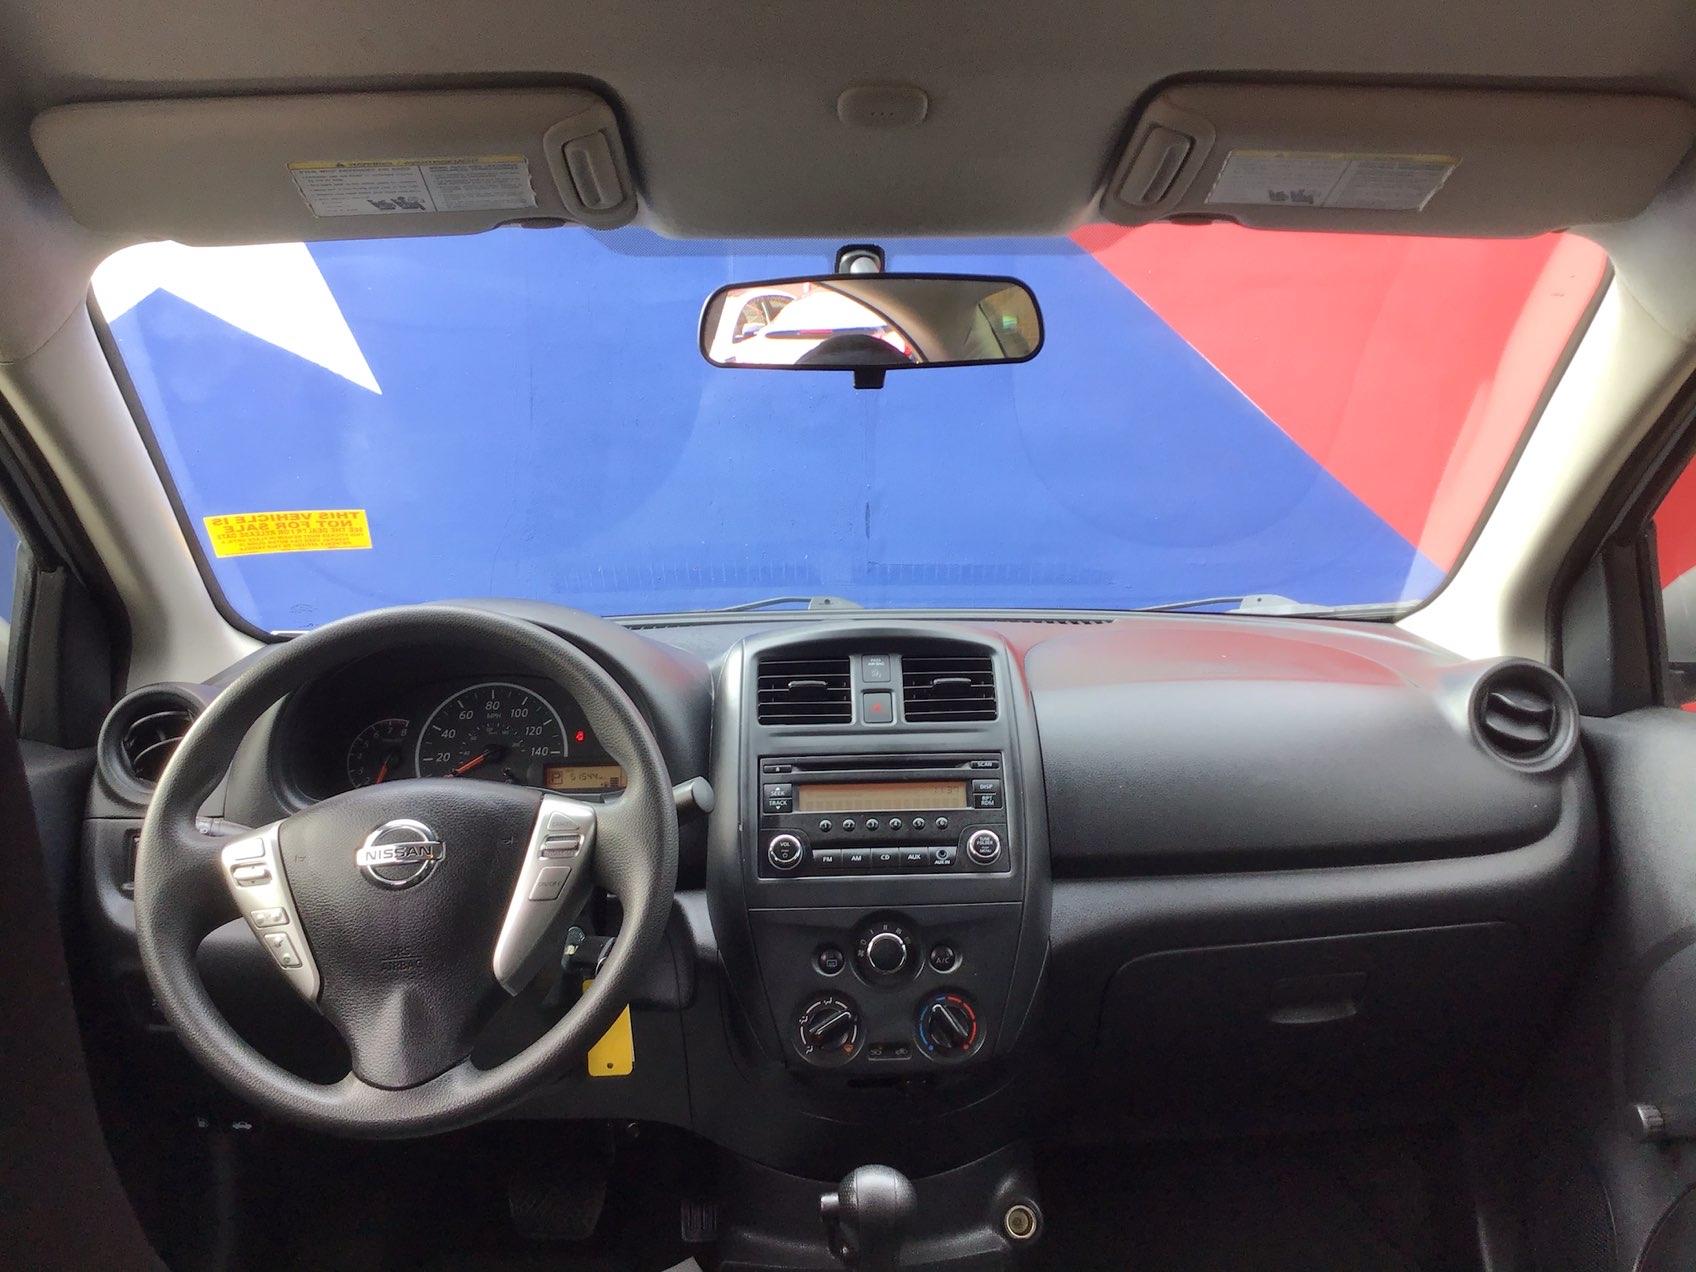 used vehicle - Sedan NISSAN VERSA 2017